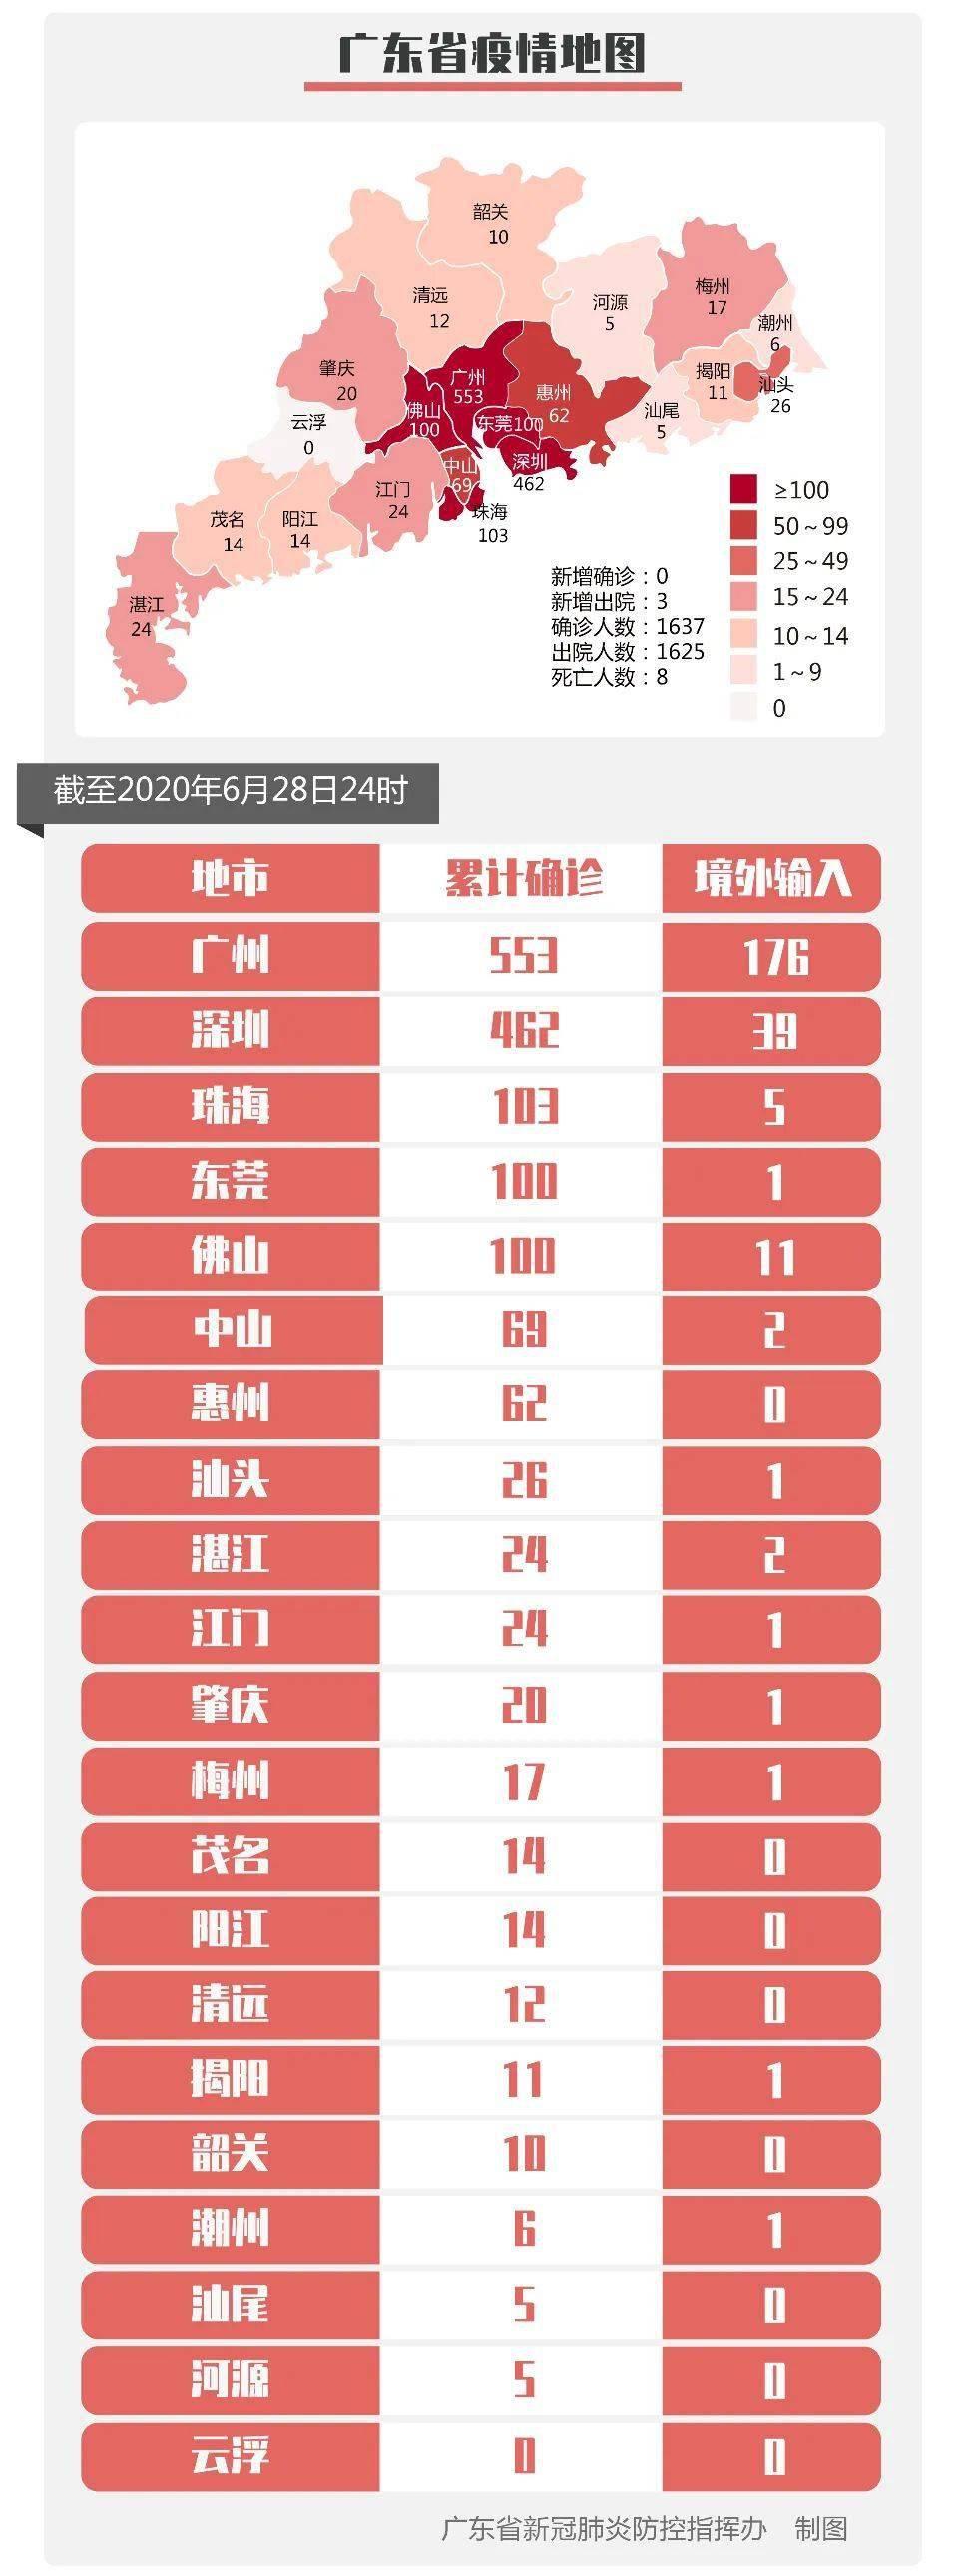 2020年6月29日广东省新冠肺炎疫情情况